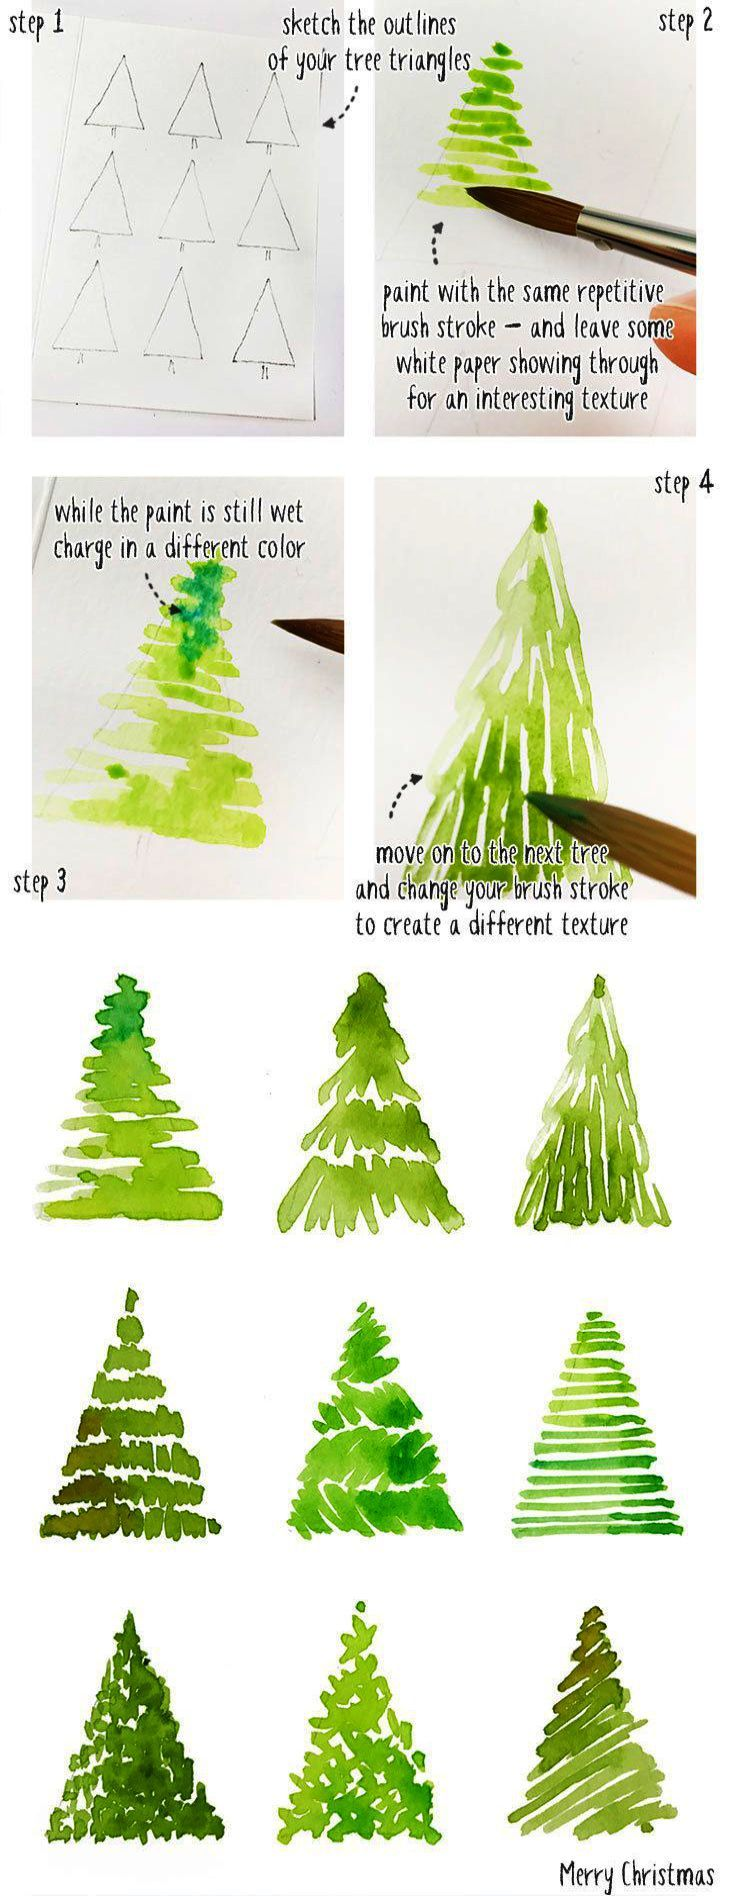 Christmas Tree Skirt Lazada Among Christmas Trees Dallas Over Christmas Songs Downl Watercolor Christmas Cards Christmas Tree Drawing Watercolor Christmas Tree